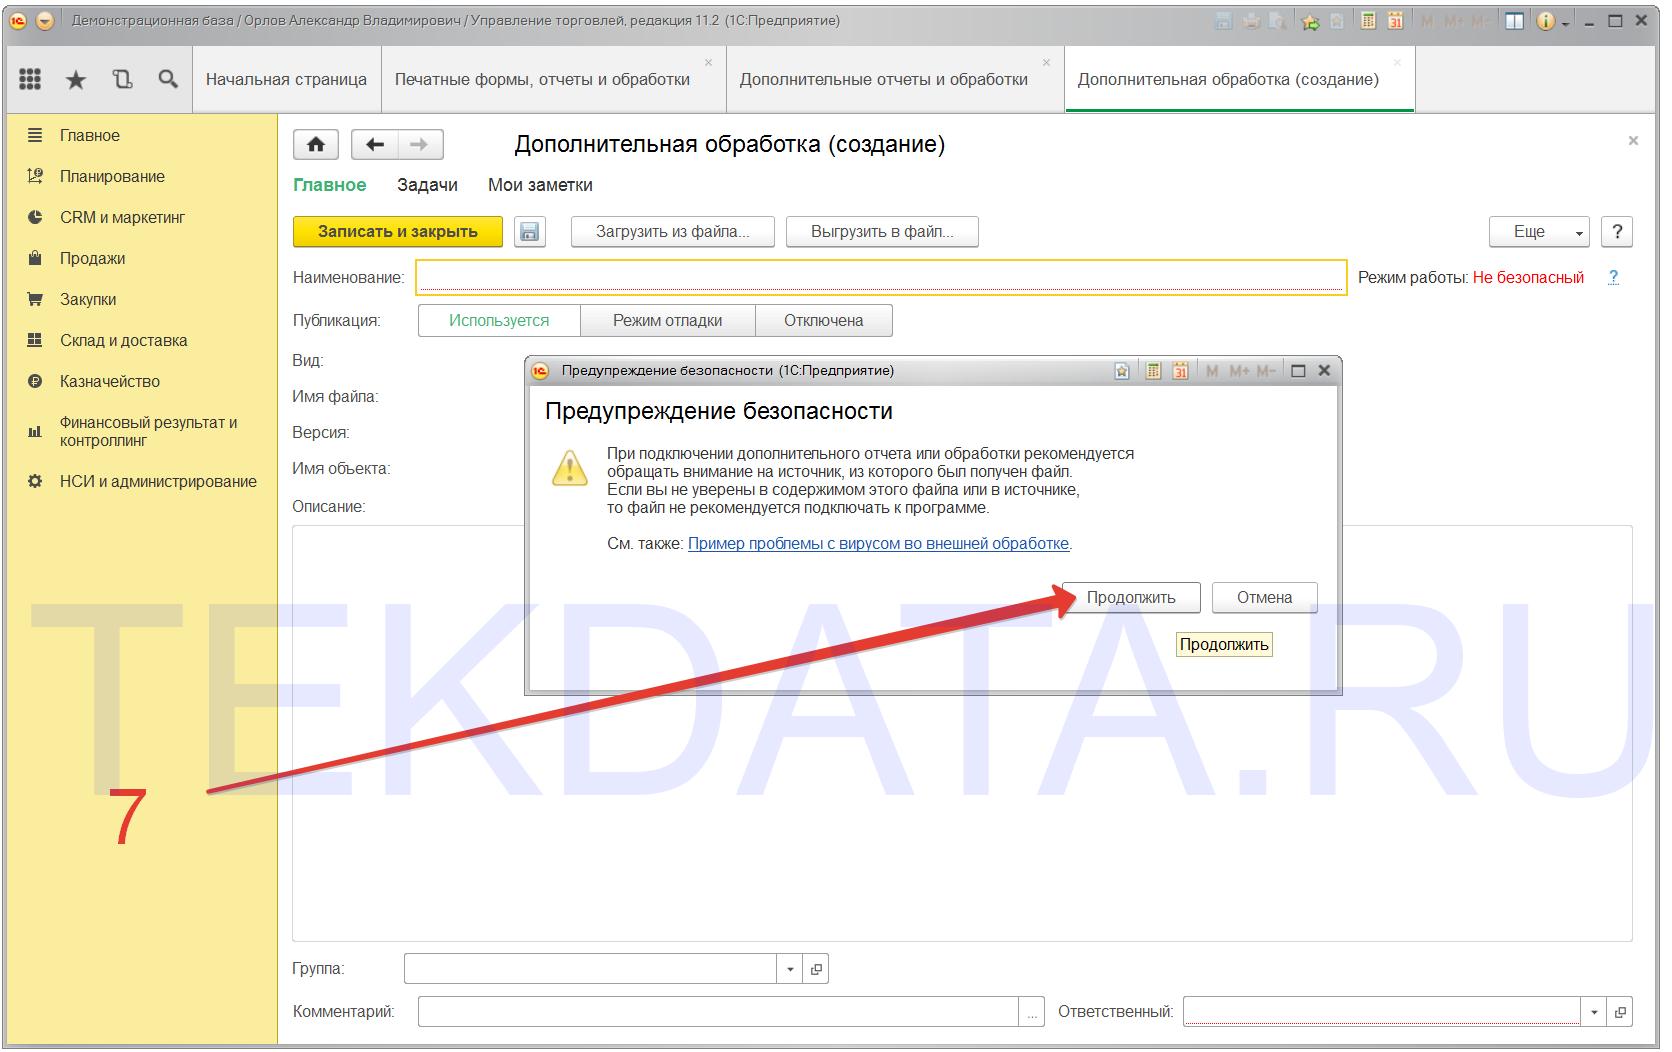 Подключение внешней печатной формы 1С 8.3 (Действия 7) | tekdata.ru